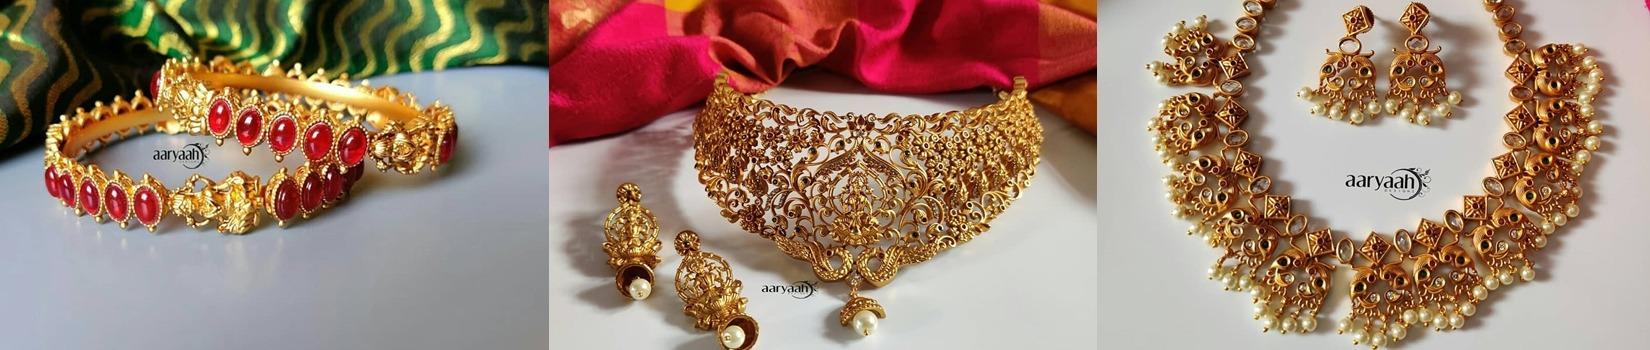 Aaryaah Designs